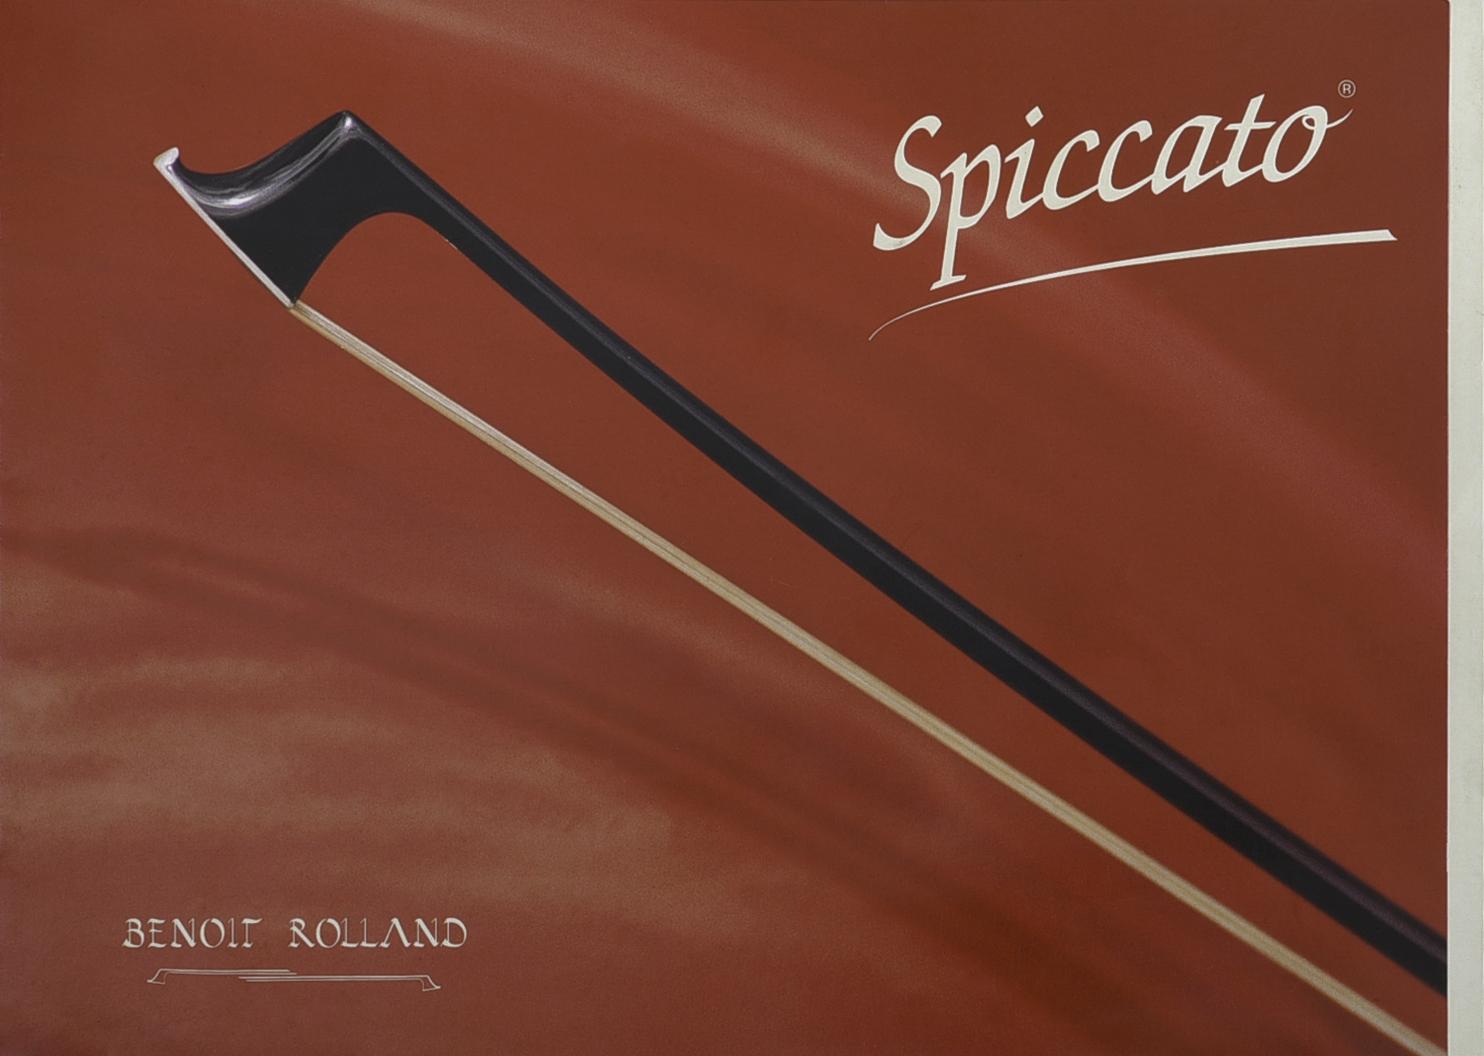 Spiccato-brochure1